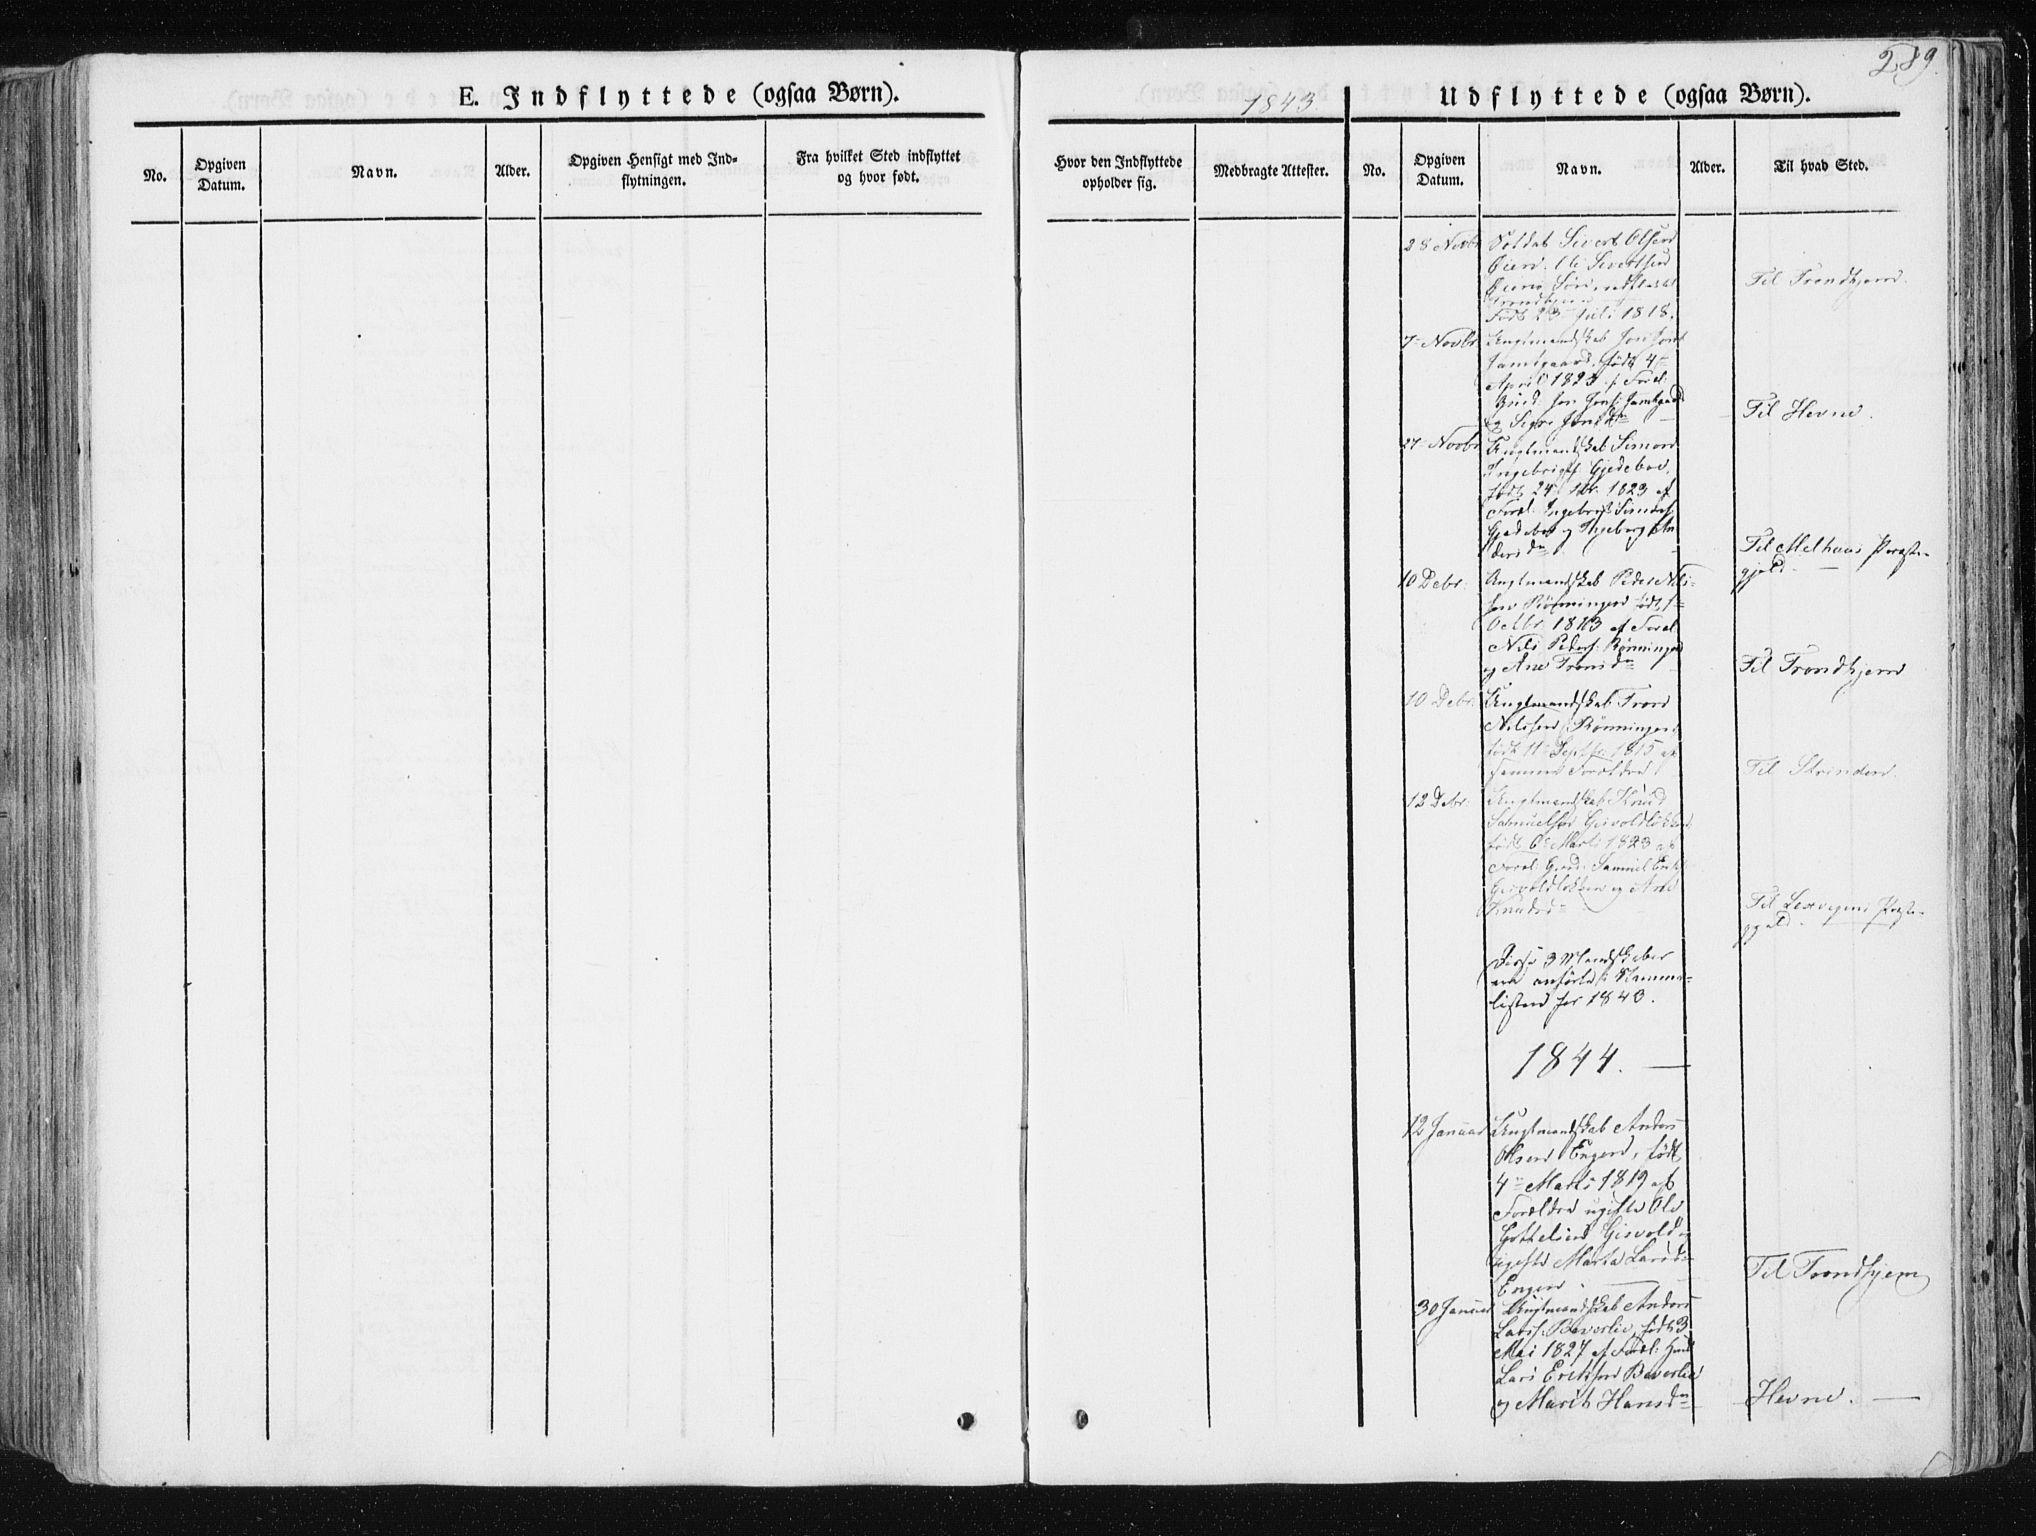 SAT, Ministerialprotokoller, klokkerbøker og fødselsregistre - Sør-Trøndelag, 668/L0805: Ministerialbok nr. 668A05, 1840-1853, s. 289